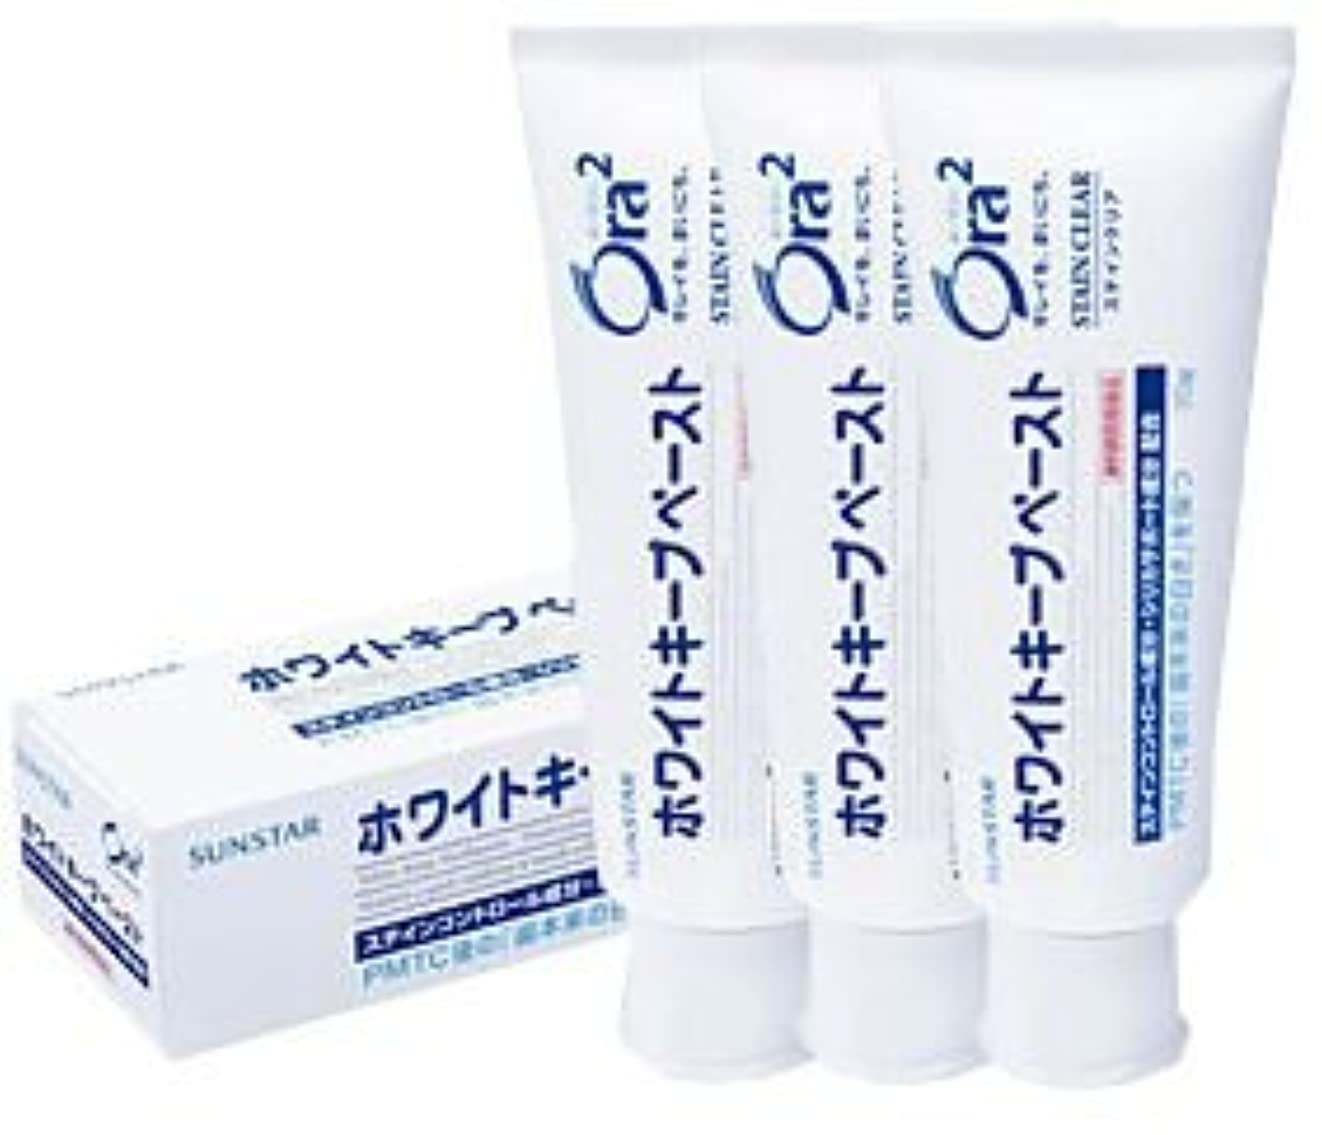 知覚地域あたりサンスター オーラツー ホワイトキープペースト 70g × 3個 医薬部外品